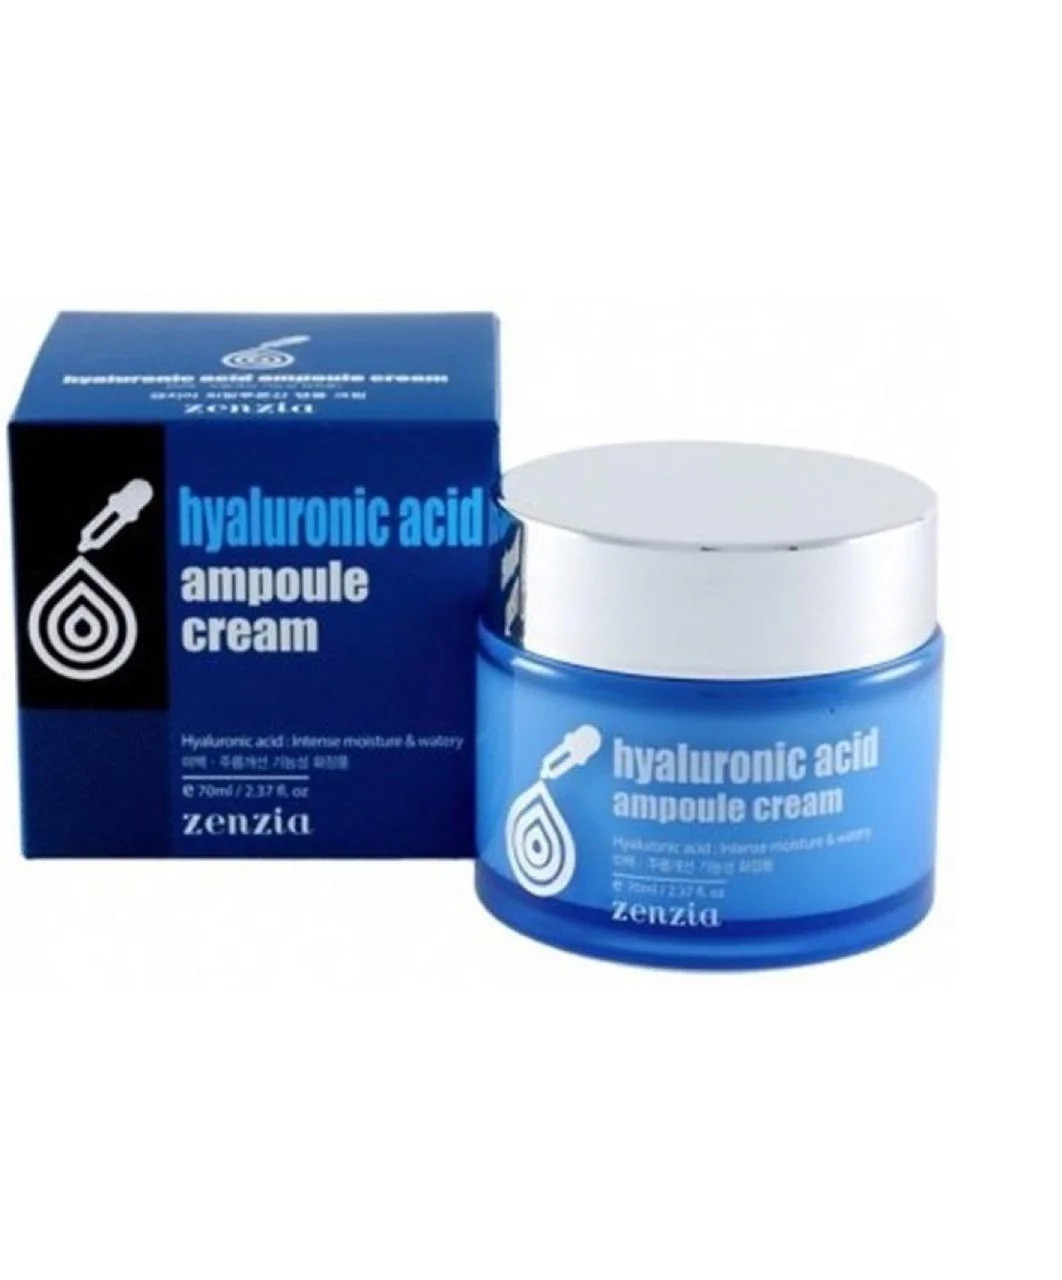 Увлажняющий ампульный крем для лица с гиалуроновой кислотой Zenzia Hyaluronic Acid Ampoule Cream 70 мл